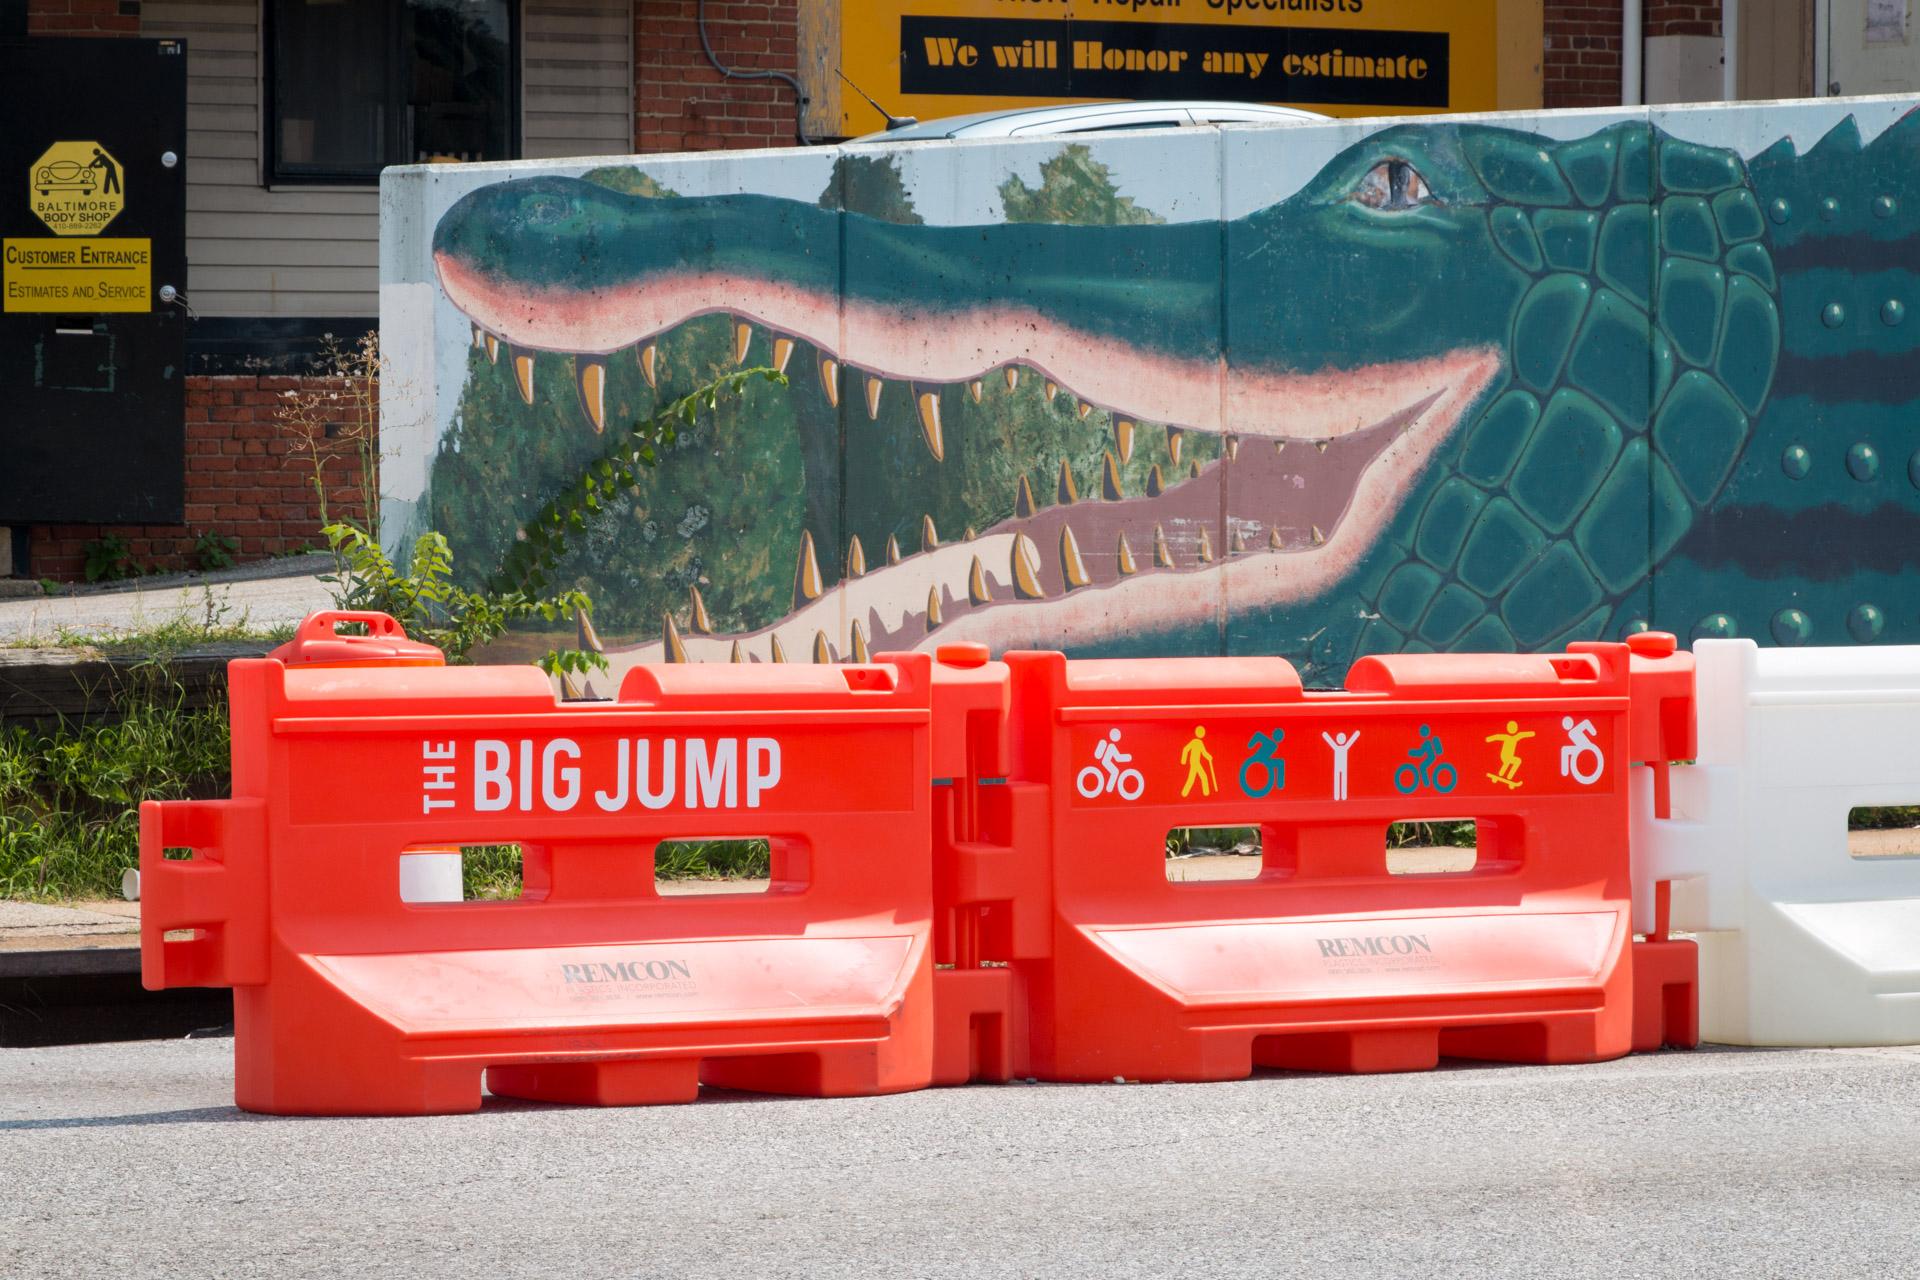 180816 Big Jump vinyl signage Remington